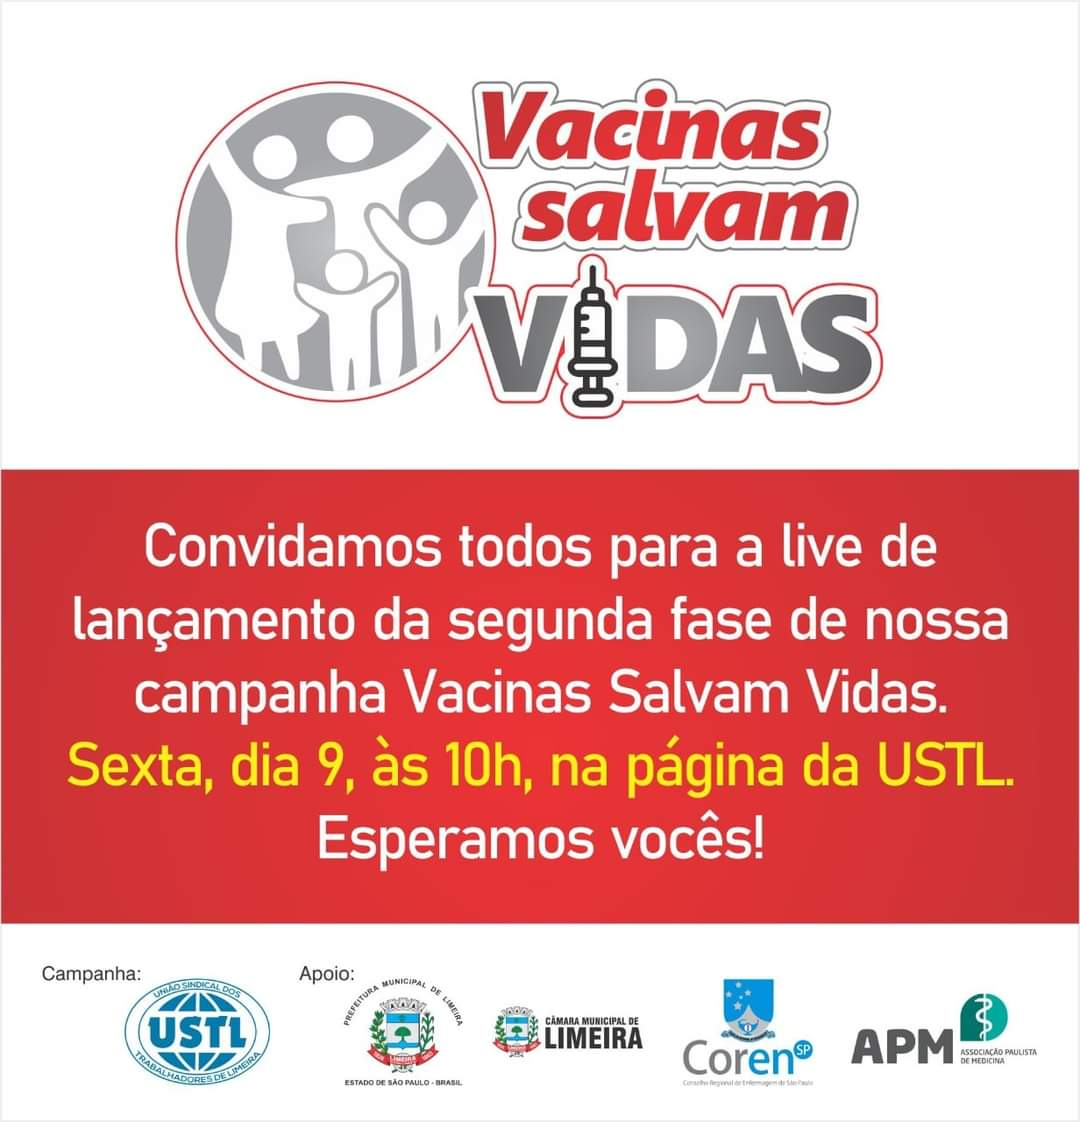 Vacinas Salvam Vidas!